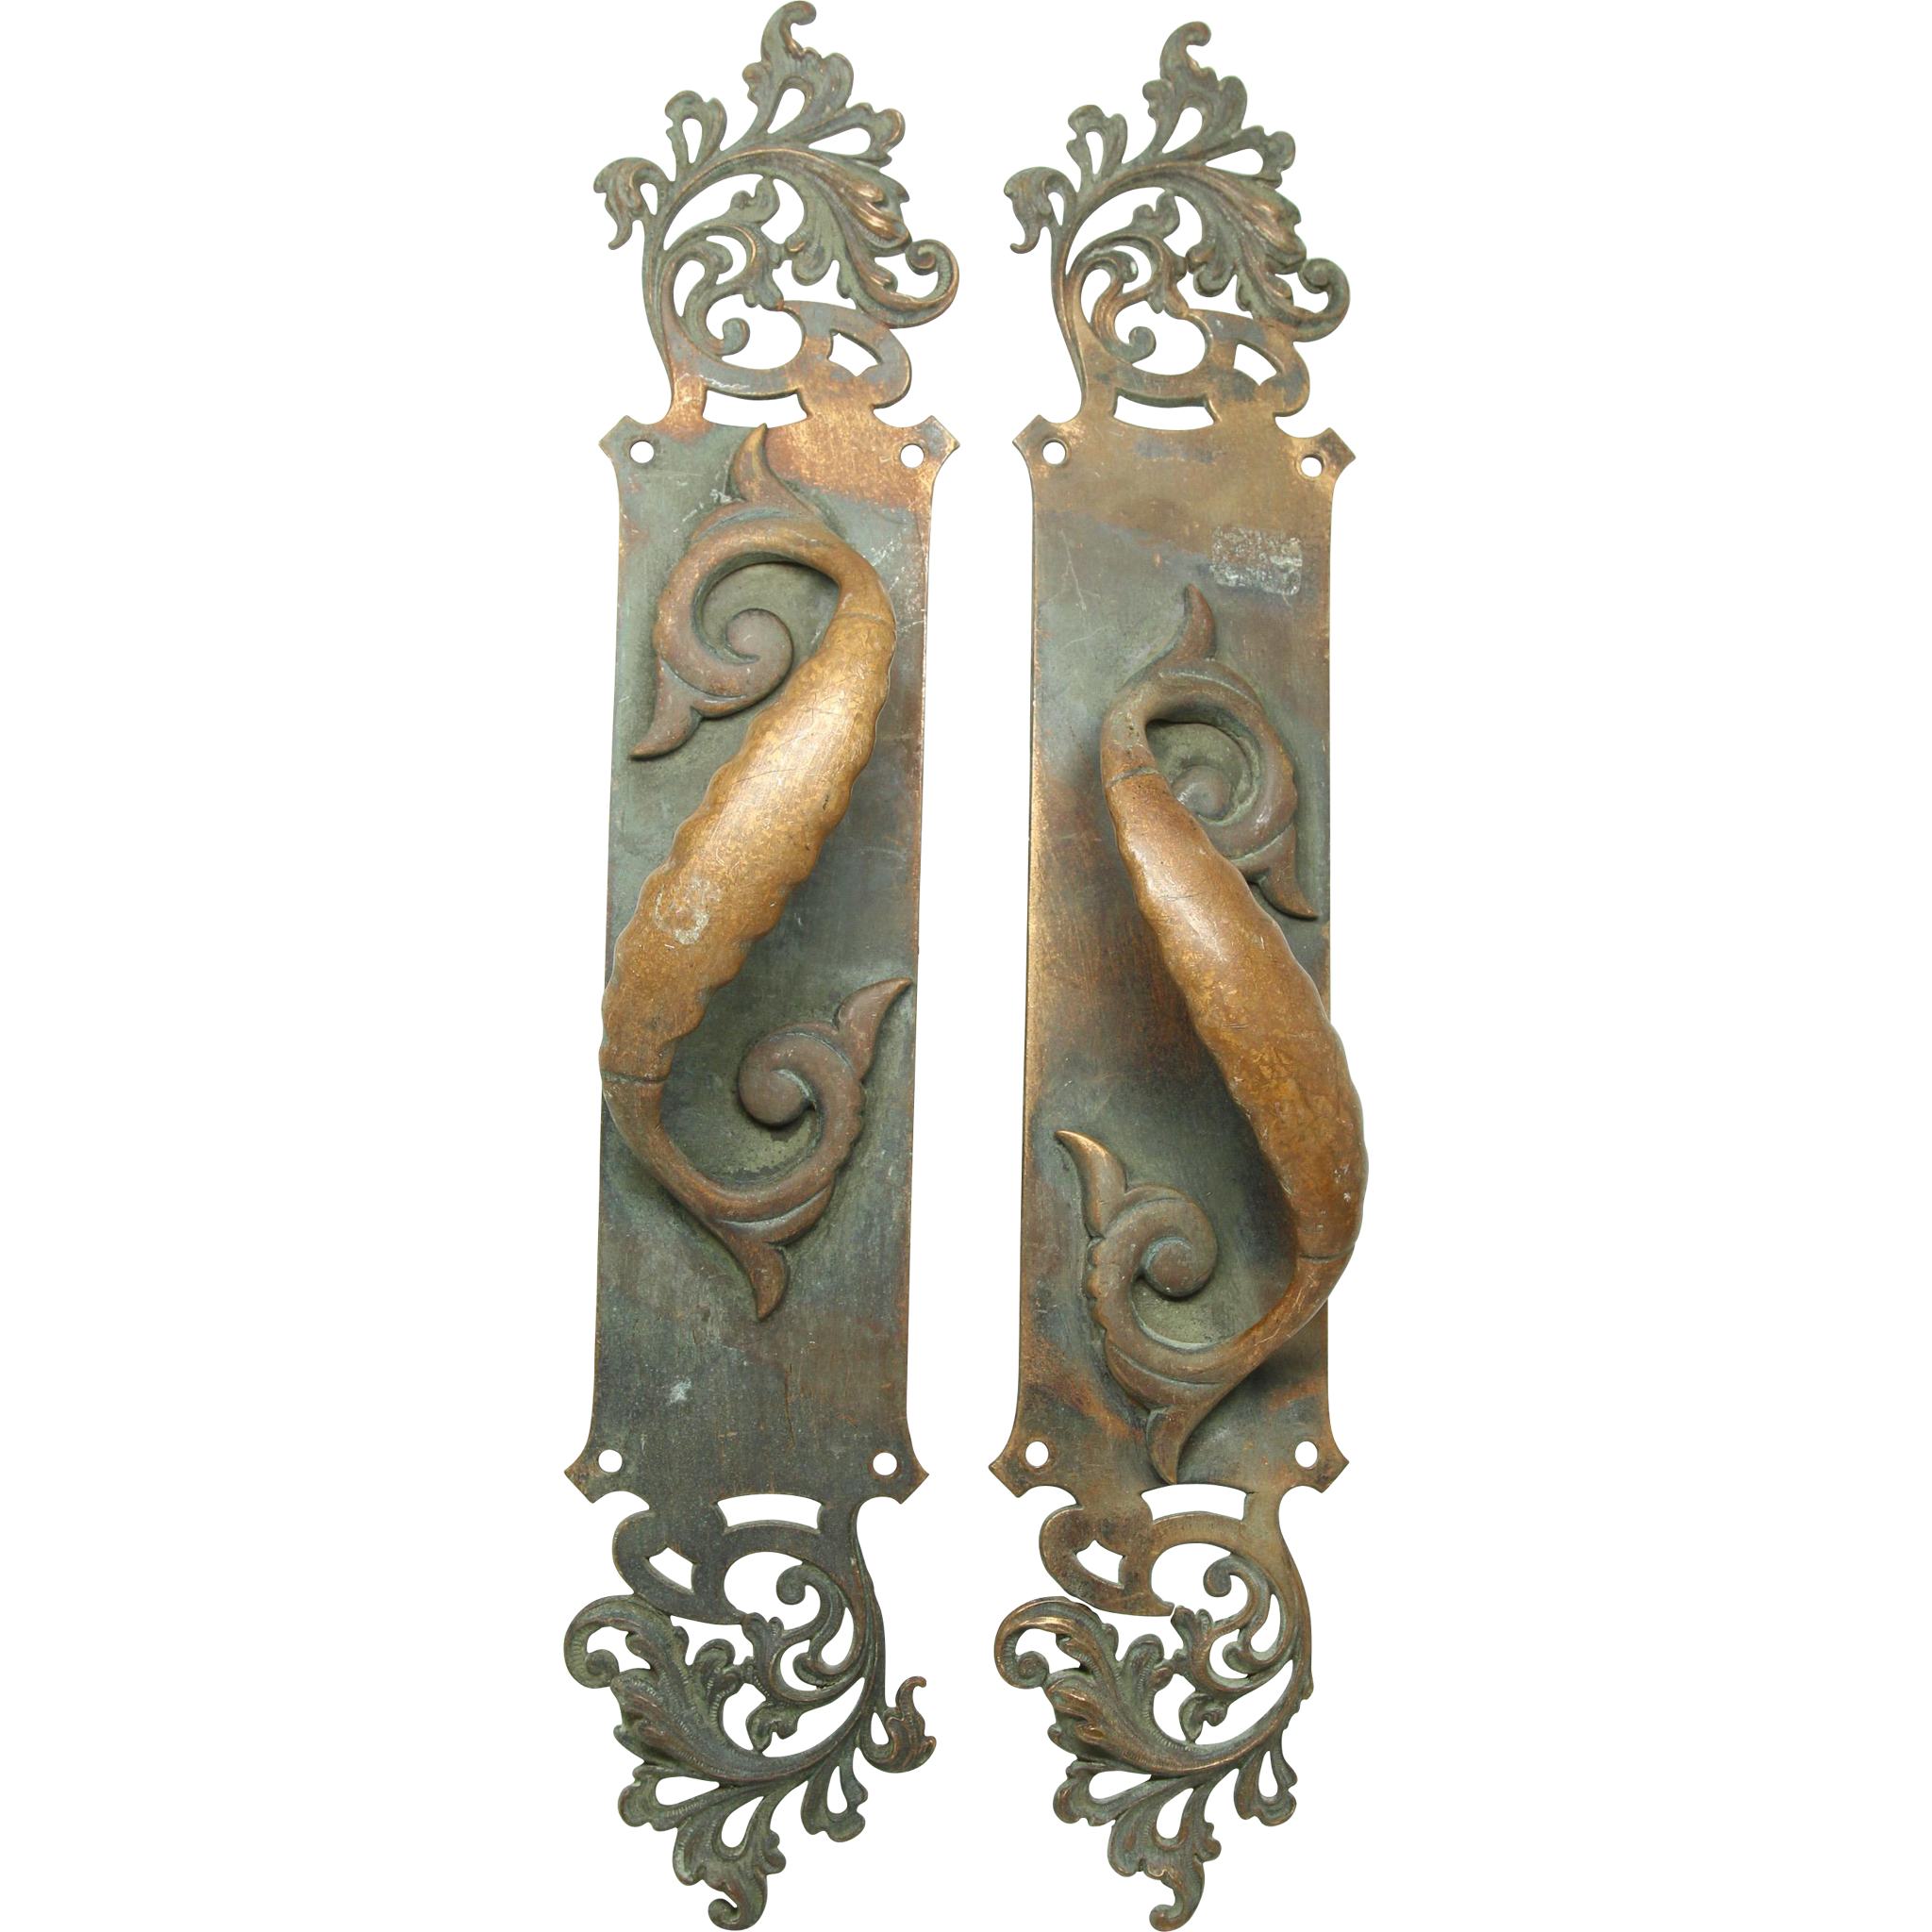 Pair of bronze cutout door pulls